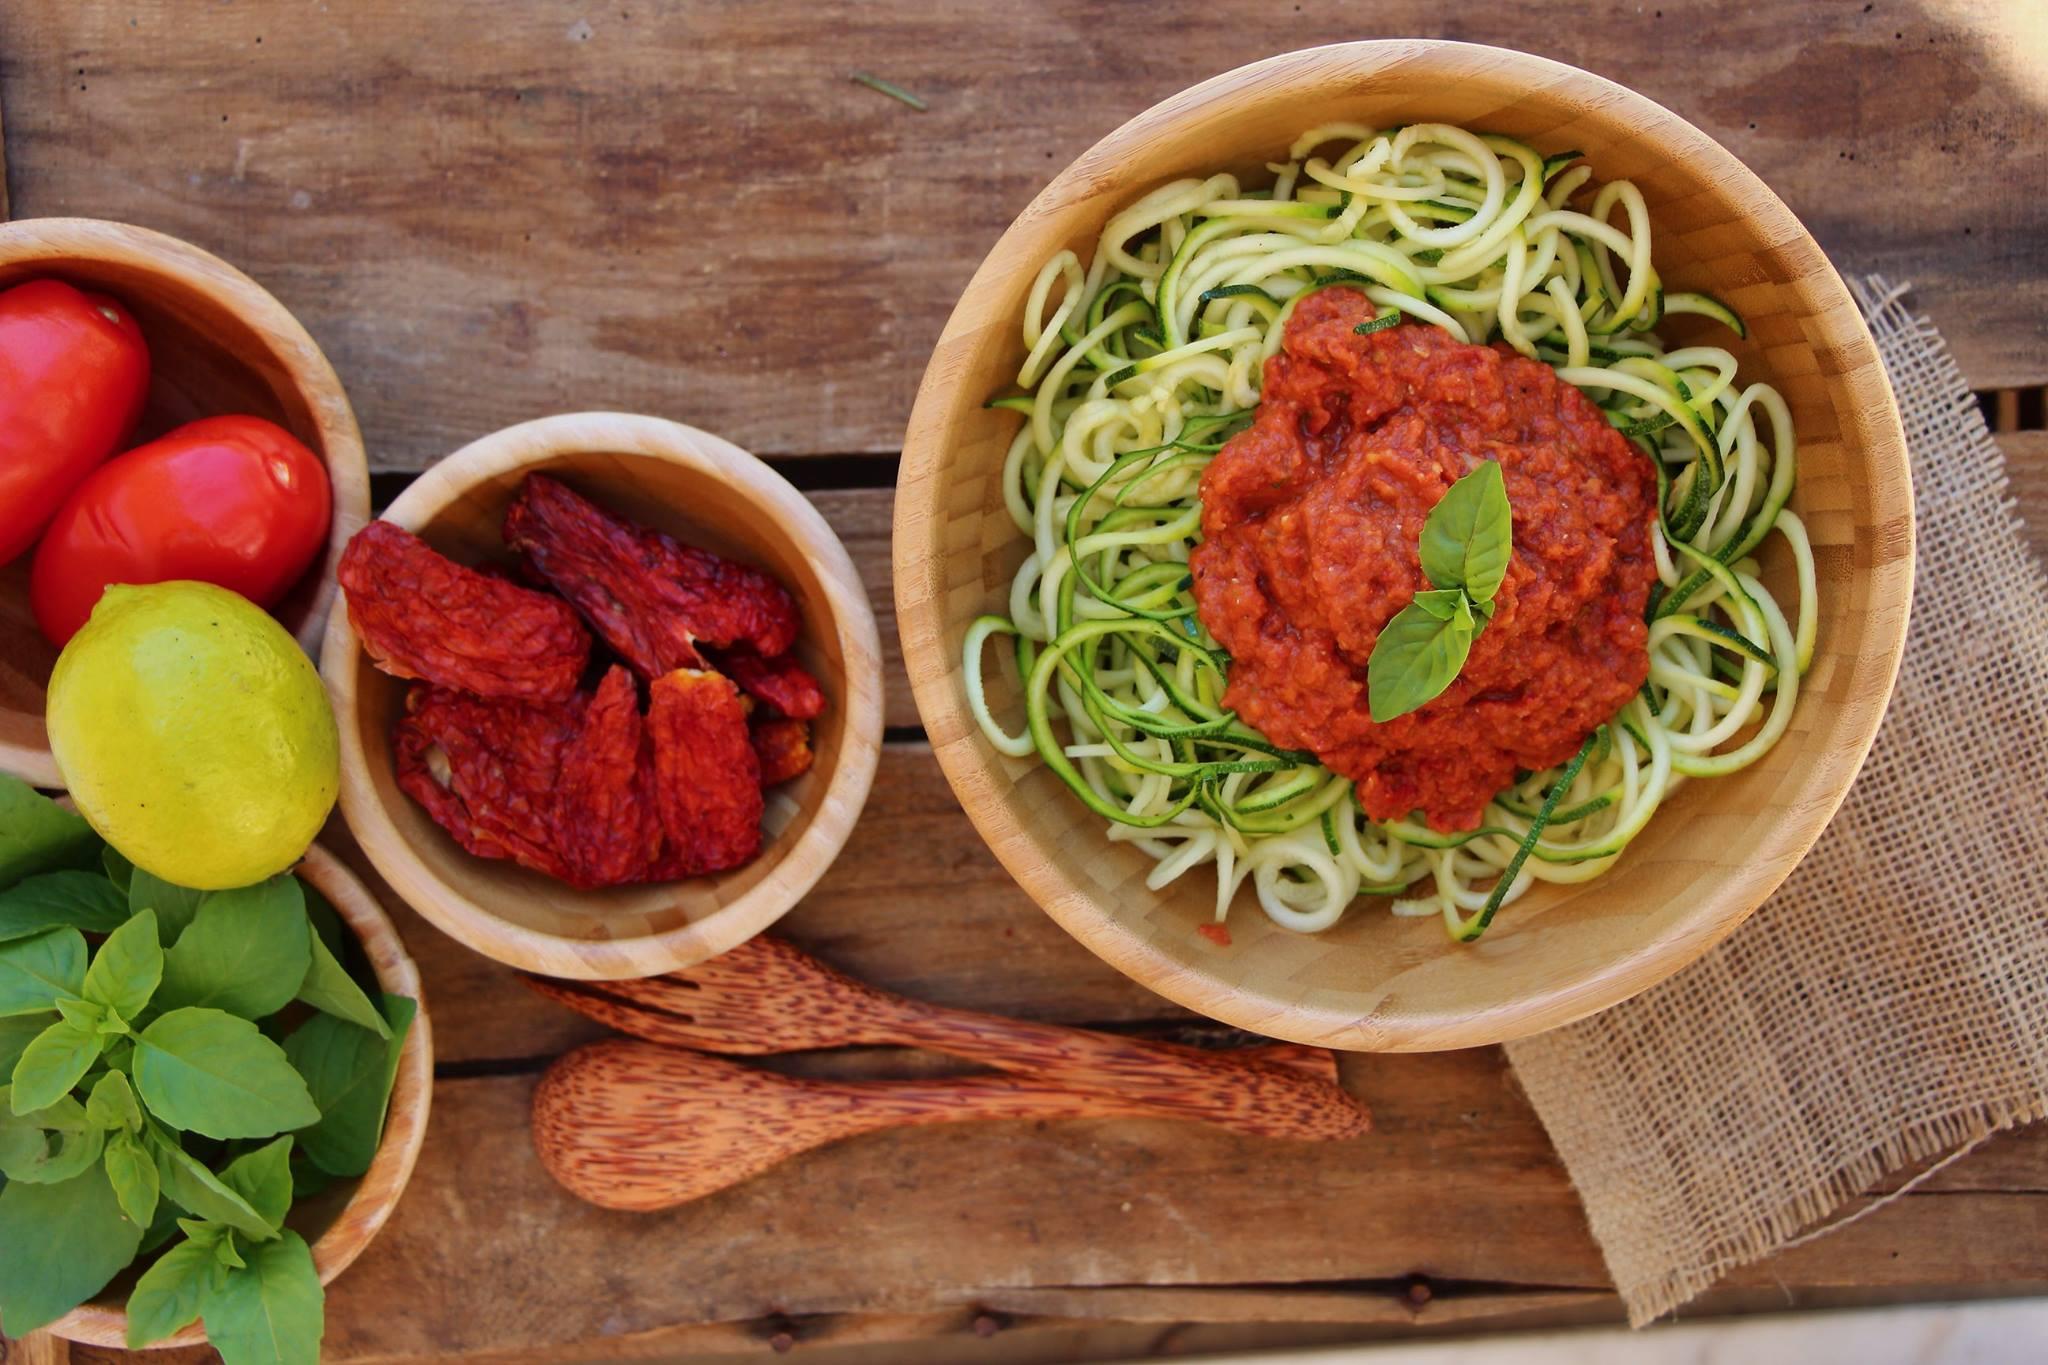 Salade de courgettes fa on pasta marinara du bio dans mon bento - Cuisiner courgette spaghetti ...